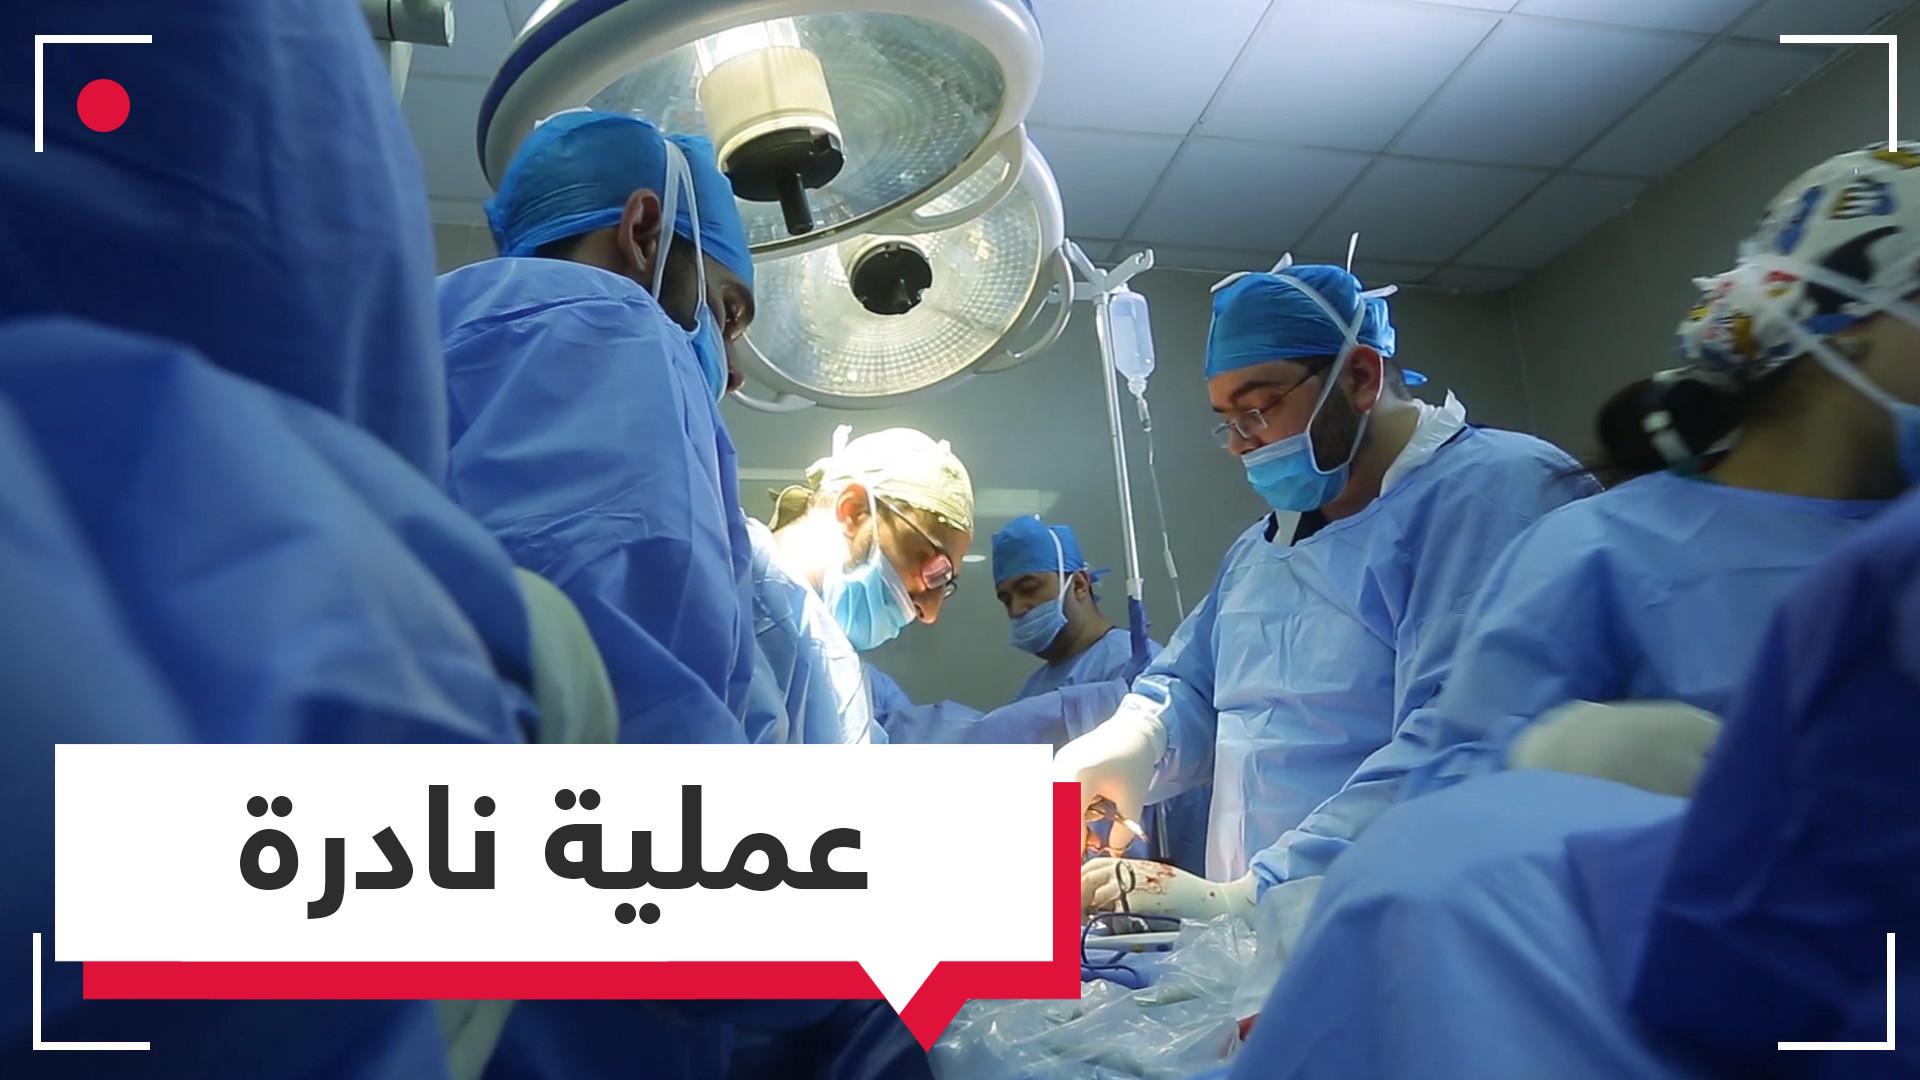 جراحة نادرة لجنين في مصر ..الدكتور وائل البنا يتحدث لـ RT Online عن تفاصيلها